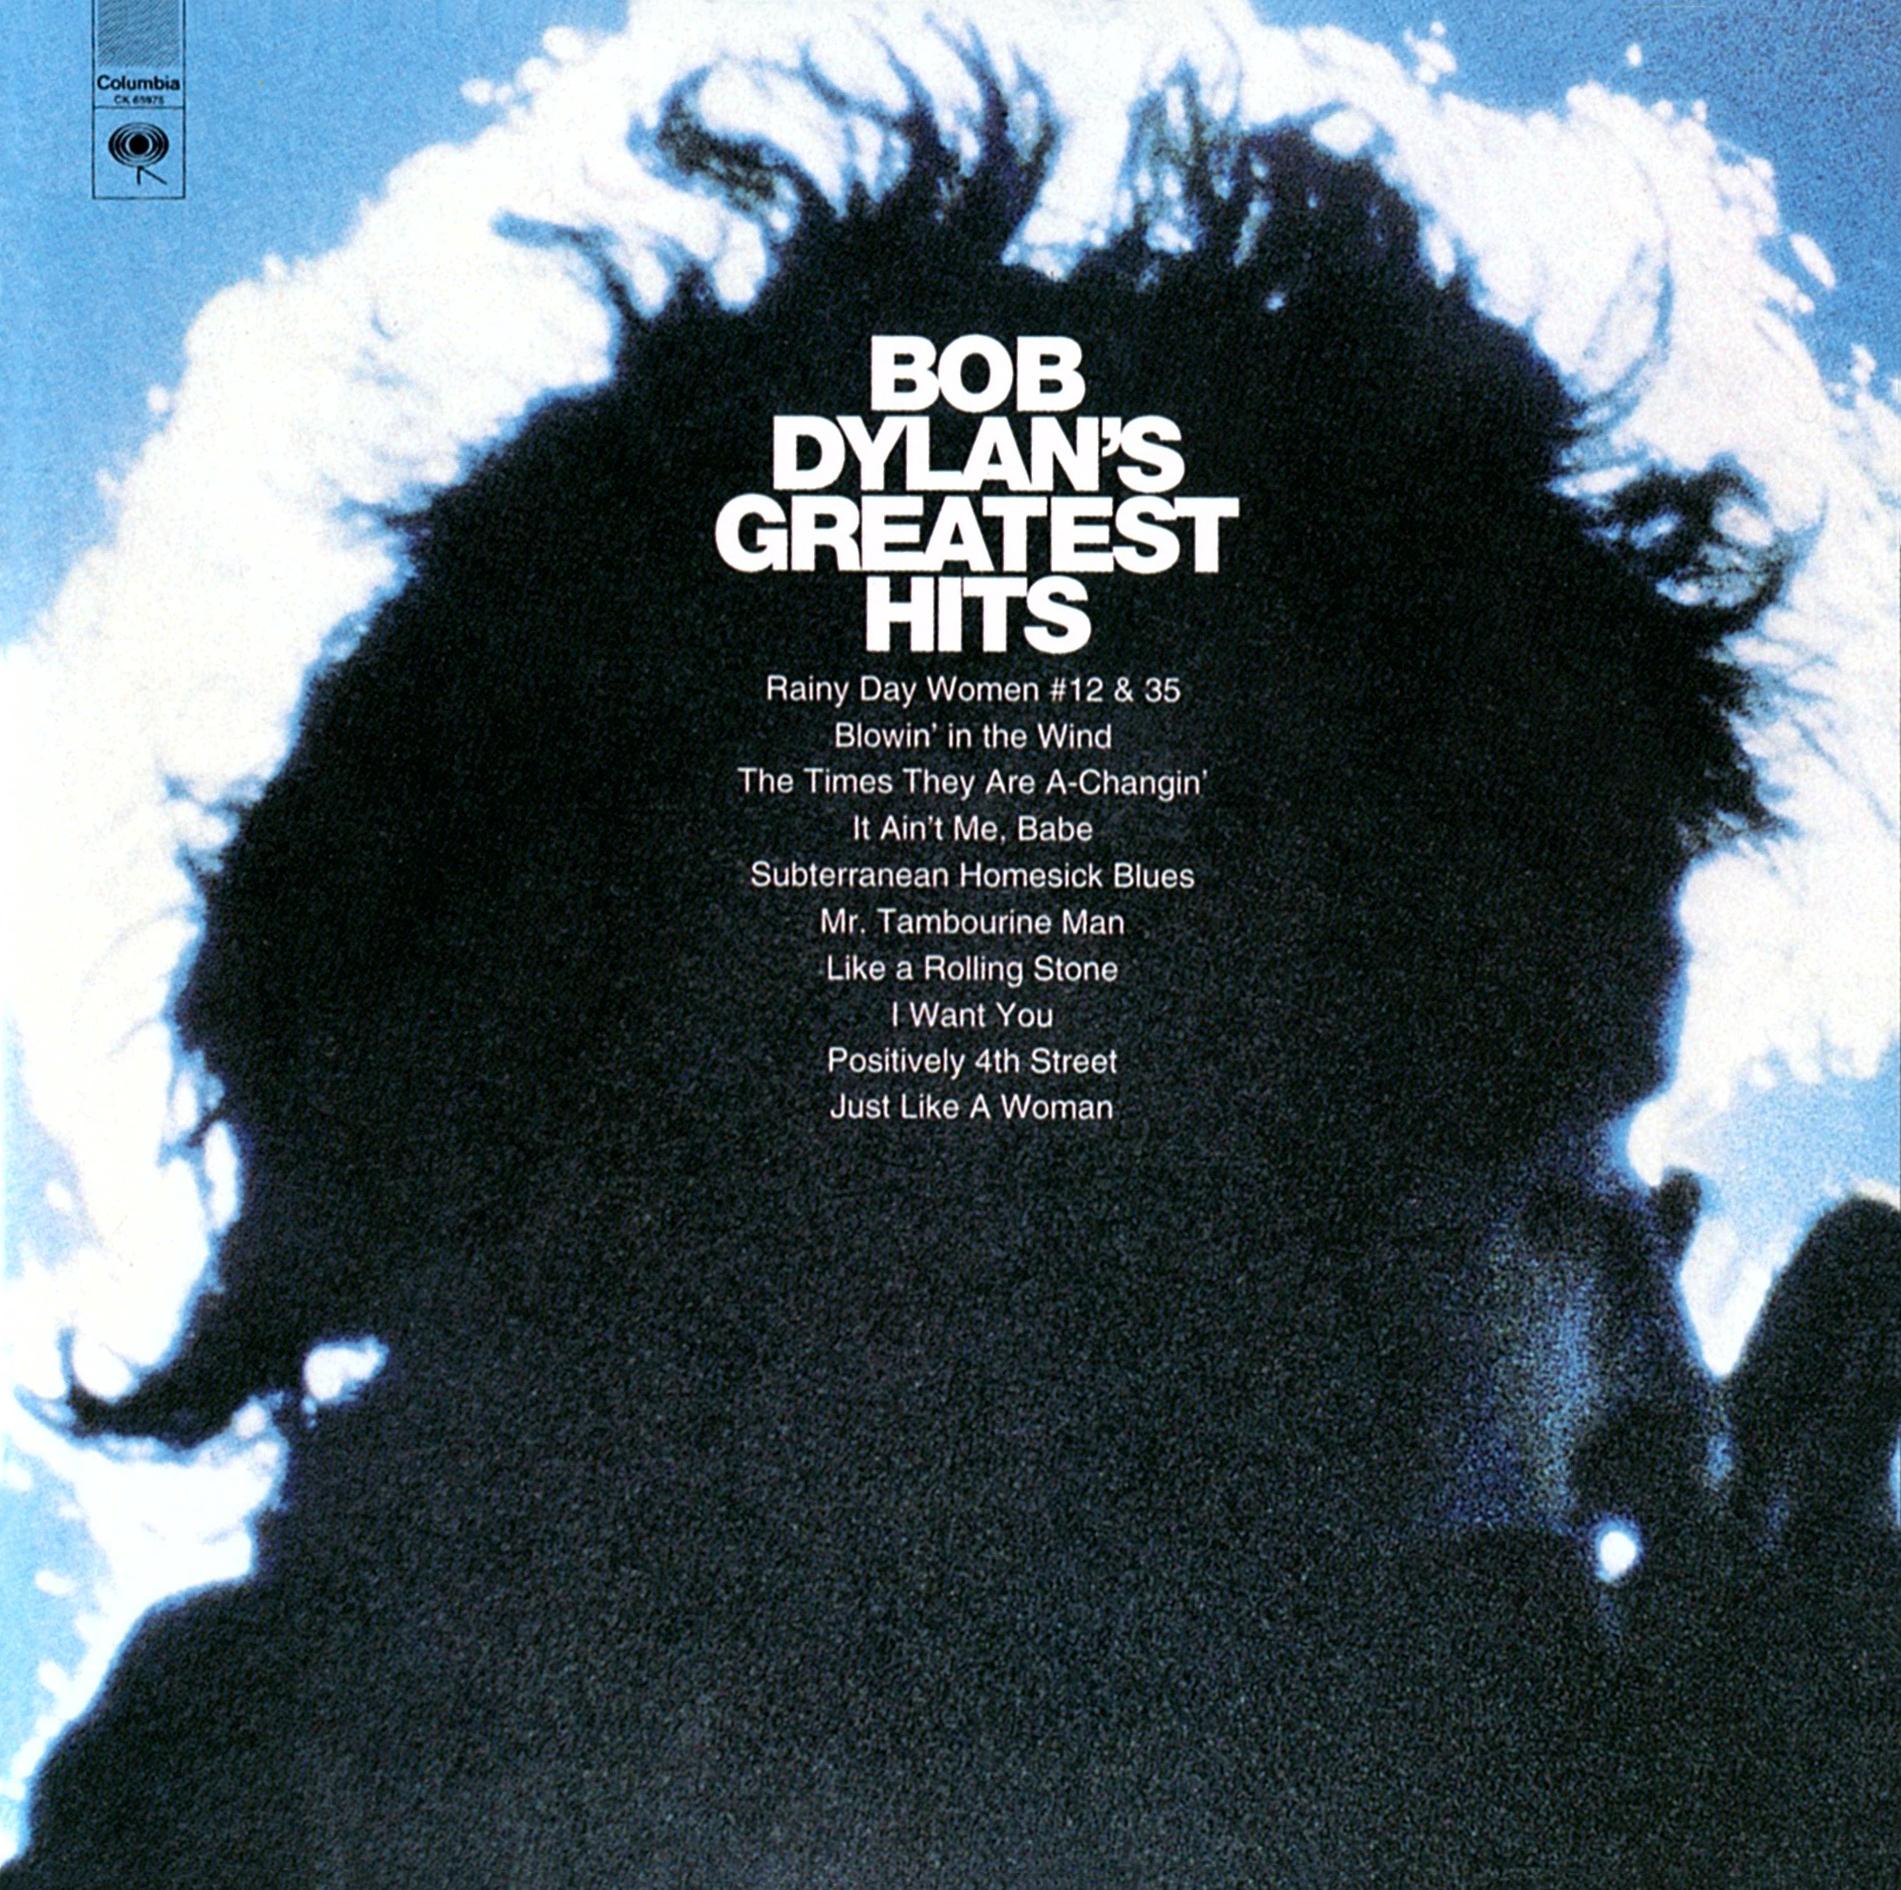 Bob Dylan(ボブ・ディラン) ベストアルバム『Bob Dylan's Greatest Hits (ボブ・ディランのグレイテスト・ヒット)』(1967年発売) 高画質CDジャケット画像 ジャケ写